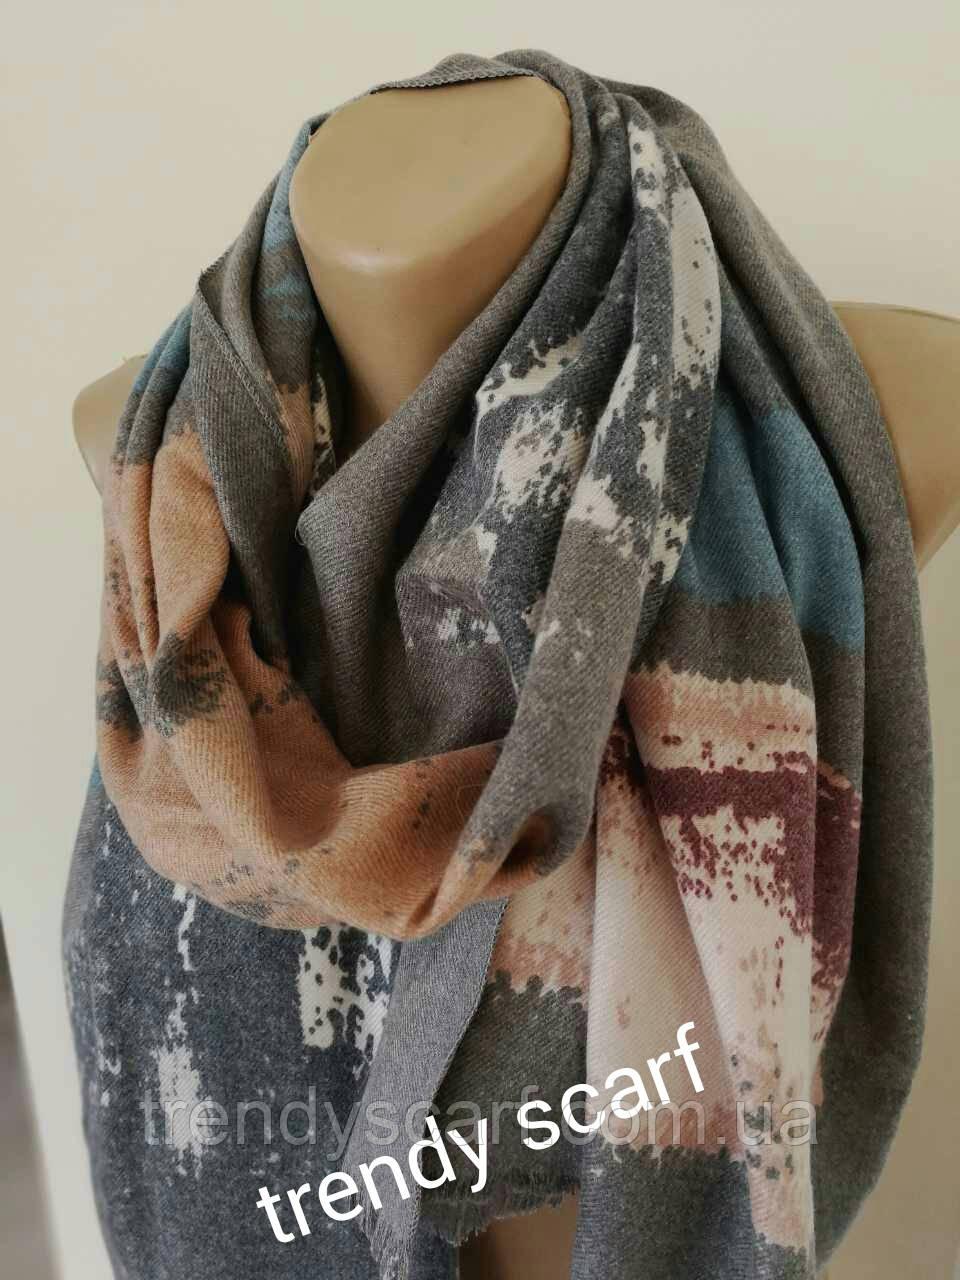 Женский Кашемировый шарф-палантин. Переходы Темно серый, бордовый, белый, голубой, оранжевый.190\70